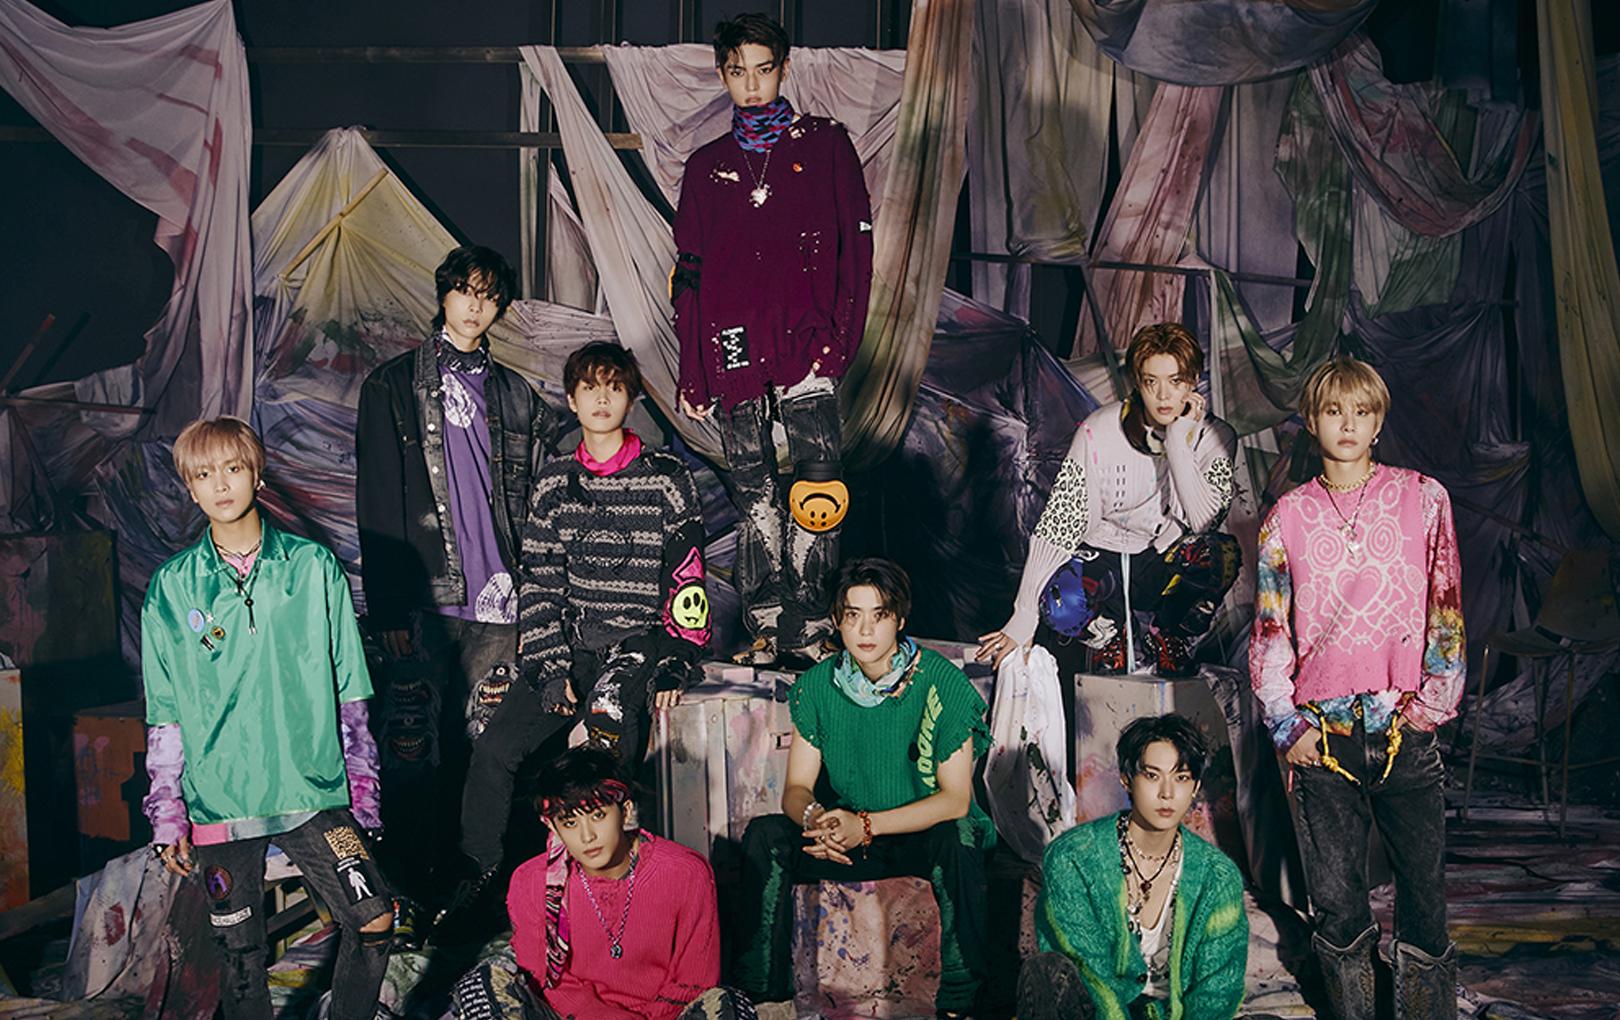 Hơn 1 triệu bản đặt trước,  NCT 127 sẵn sàng trở lại với Repackage Album thứ 3 'Favorite' đầy ma mị